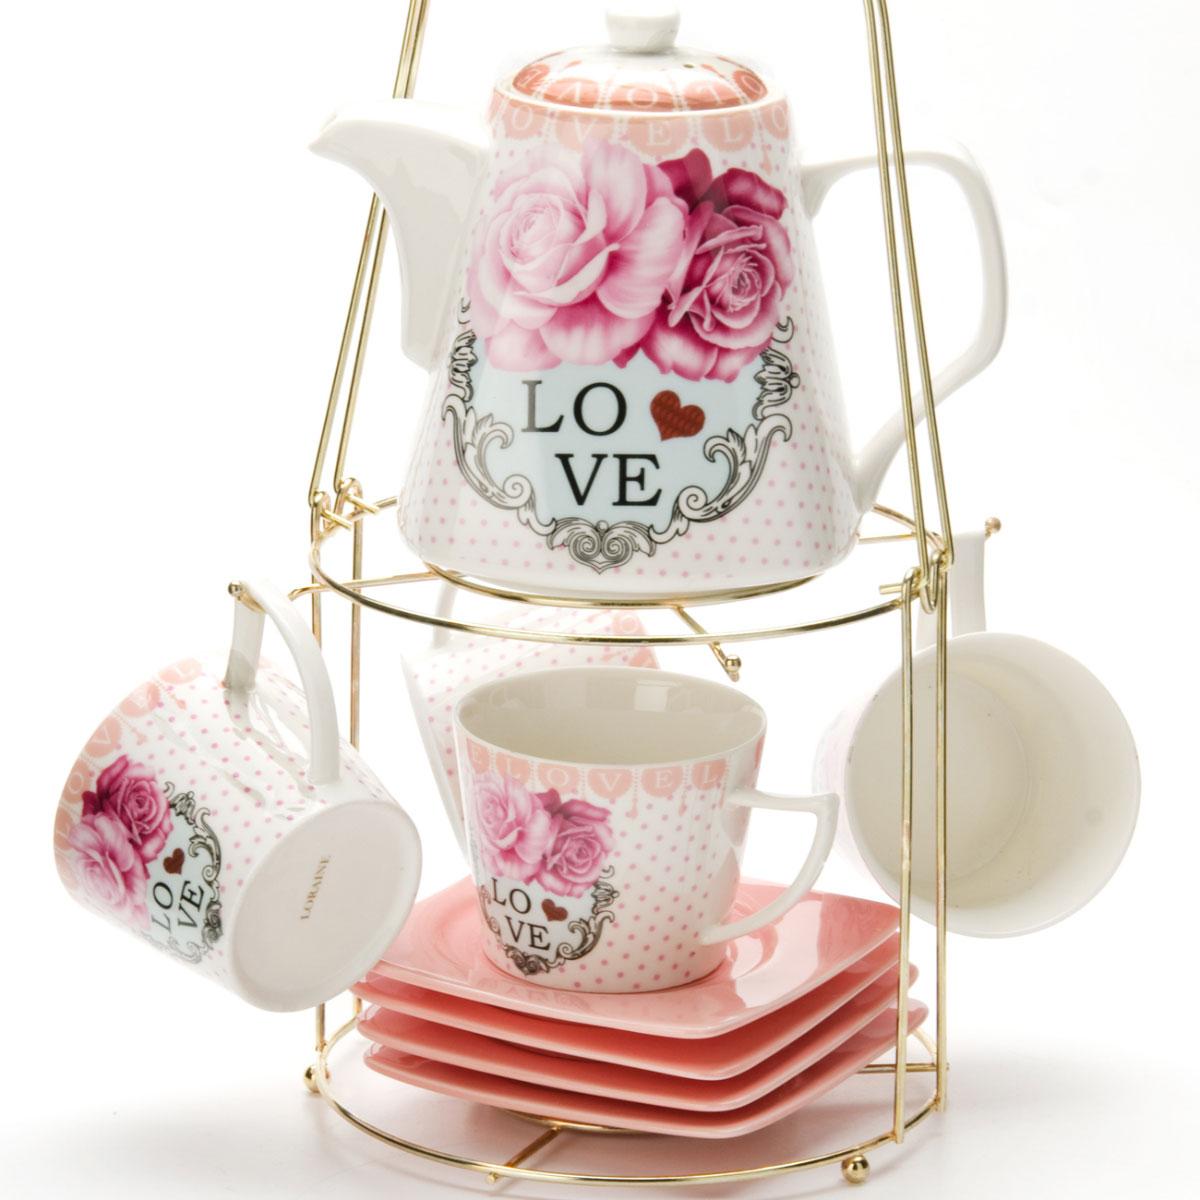 Набор чайный Mayer & Boch, на подставке, 9 предметов. 2472924729Чайный набор LORAINE состоит из 4 чашек, 4 блюдец и заварочного чайника (1,1 л). Предметы набора изготовлены из керамики и оформлены изображением цветов. Все предметы располагаются на удобной металлической подставке с ручкой. Элегантный дизайн набора придется по вкусу и ценителям классики, и тем, кто предпочитает утонченность и изысканность. Он настроит на позитивный лад и подарит хорошее настроение с самого утра. Чайный набор LORAINE идеально подойдет для сервировки стола и станет отличным подарком к любому празднику.